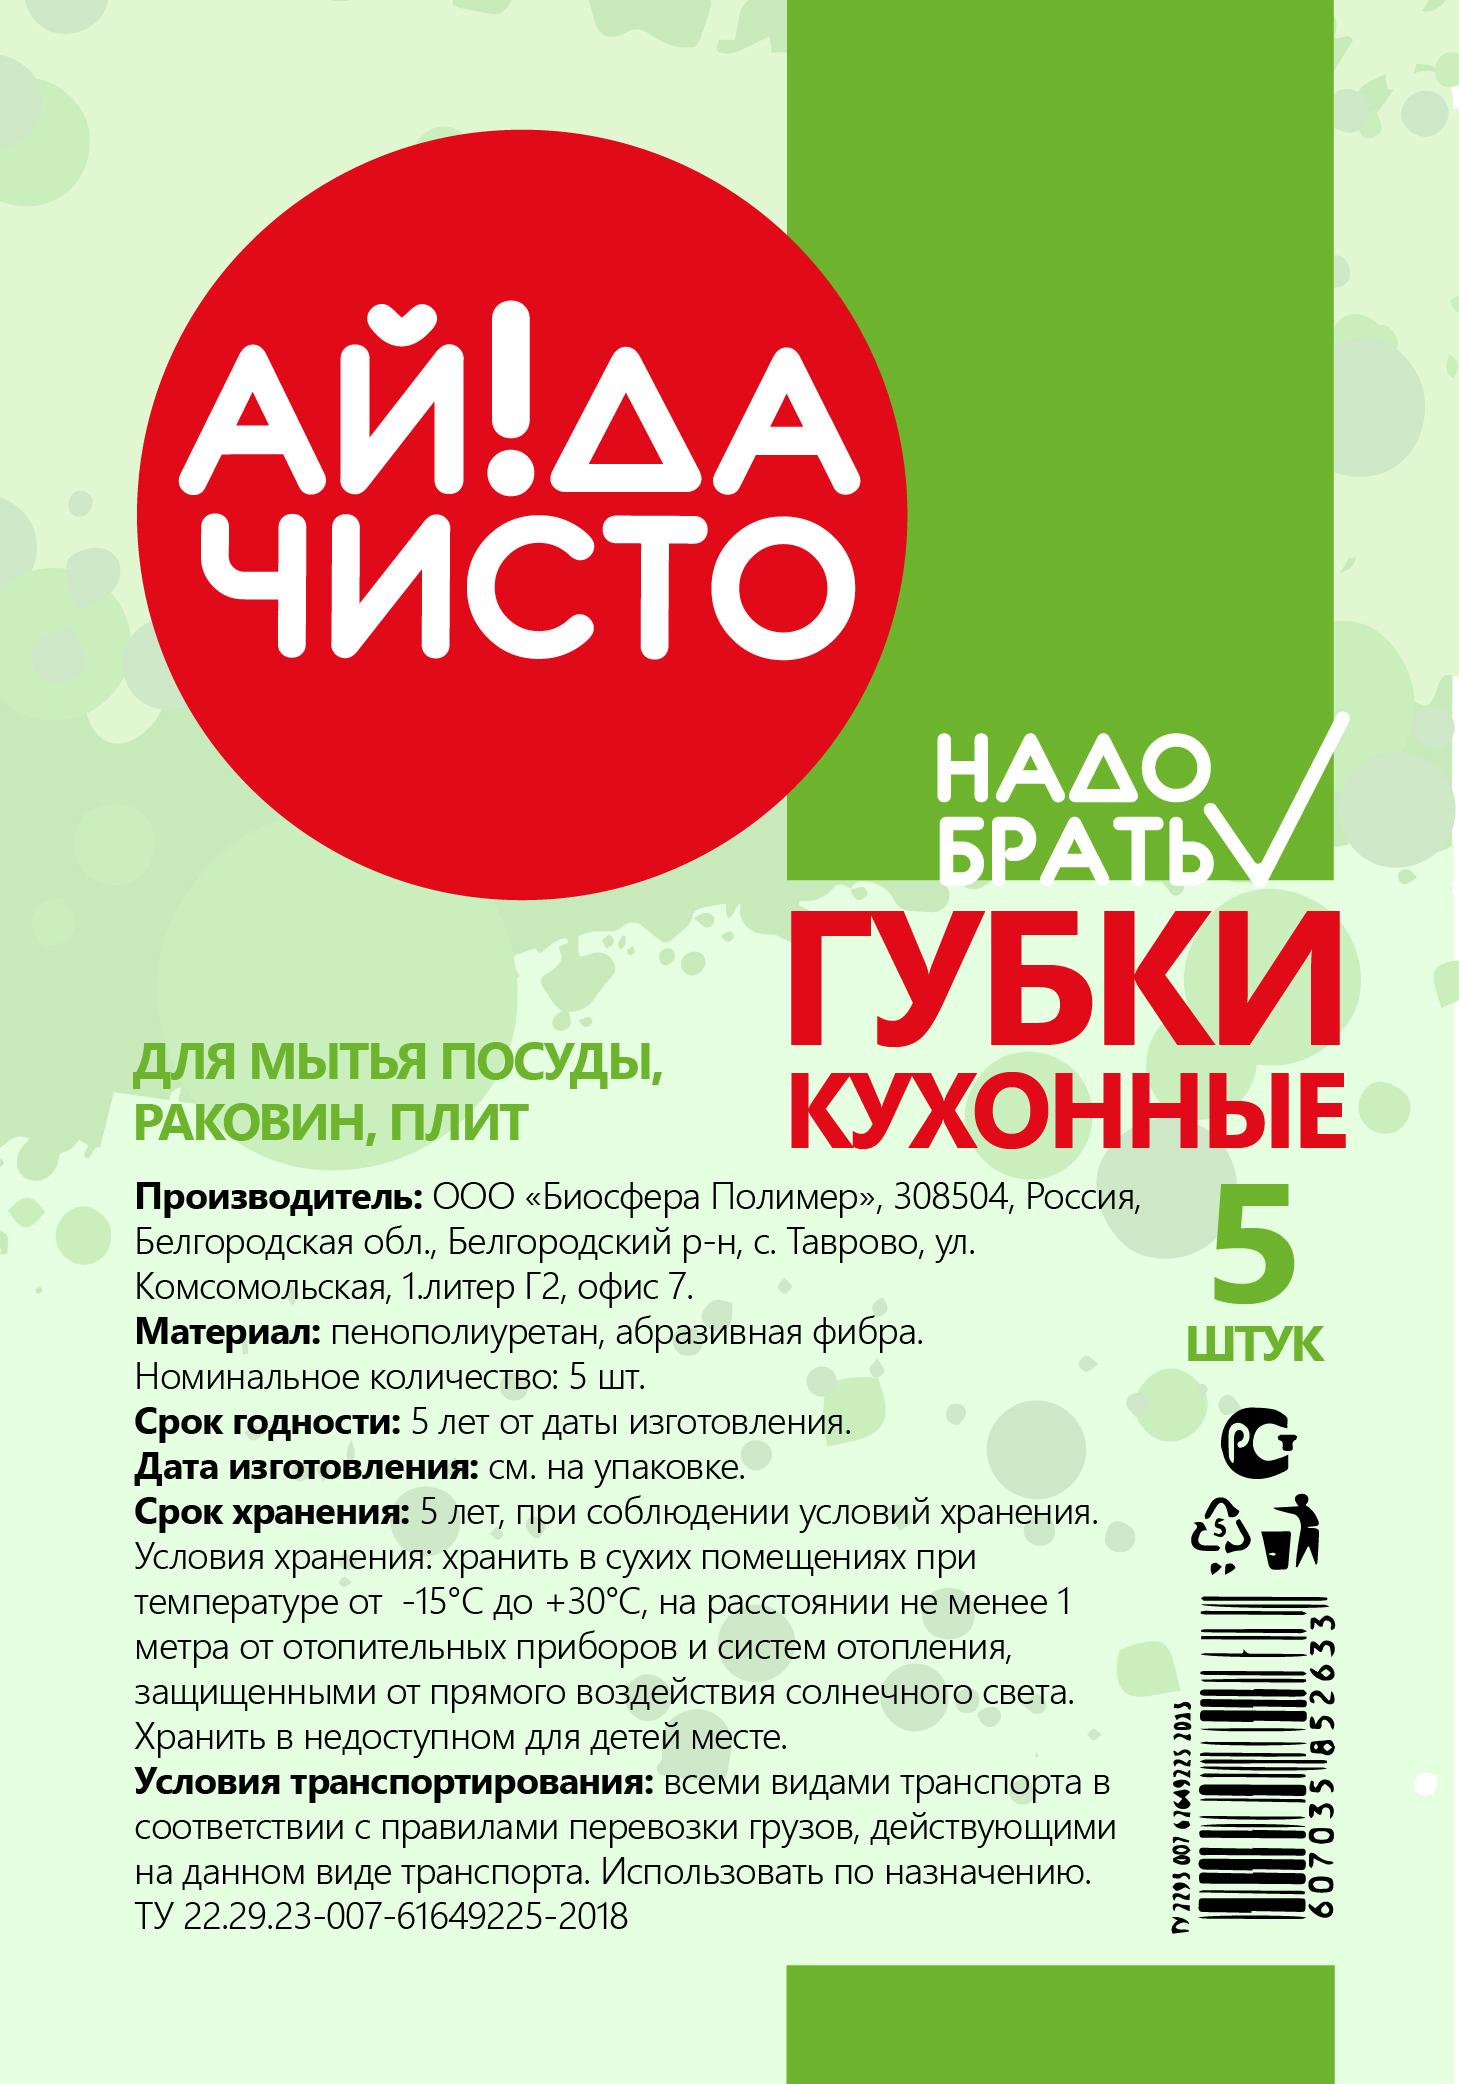 Дизайн логотипа и упаковки СТМ фото f_0415c6071b282087.jpg